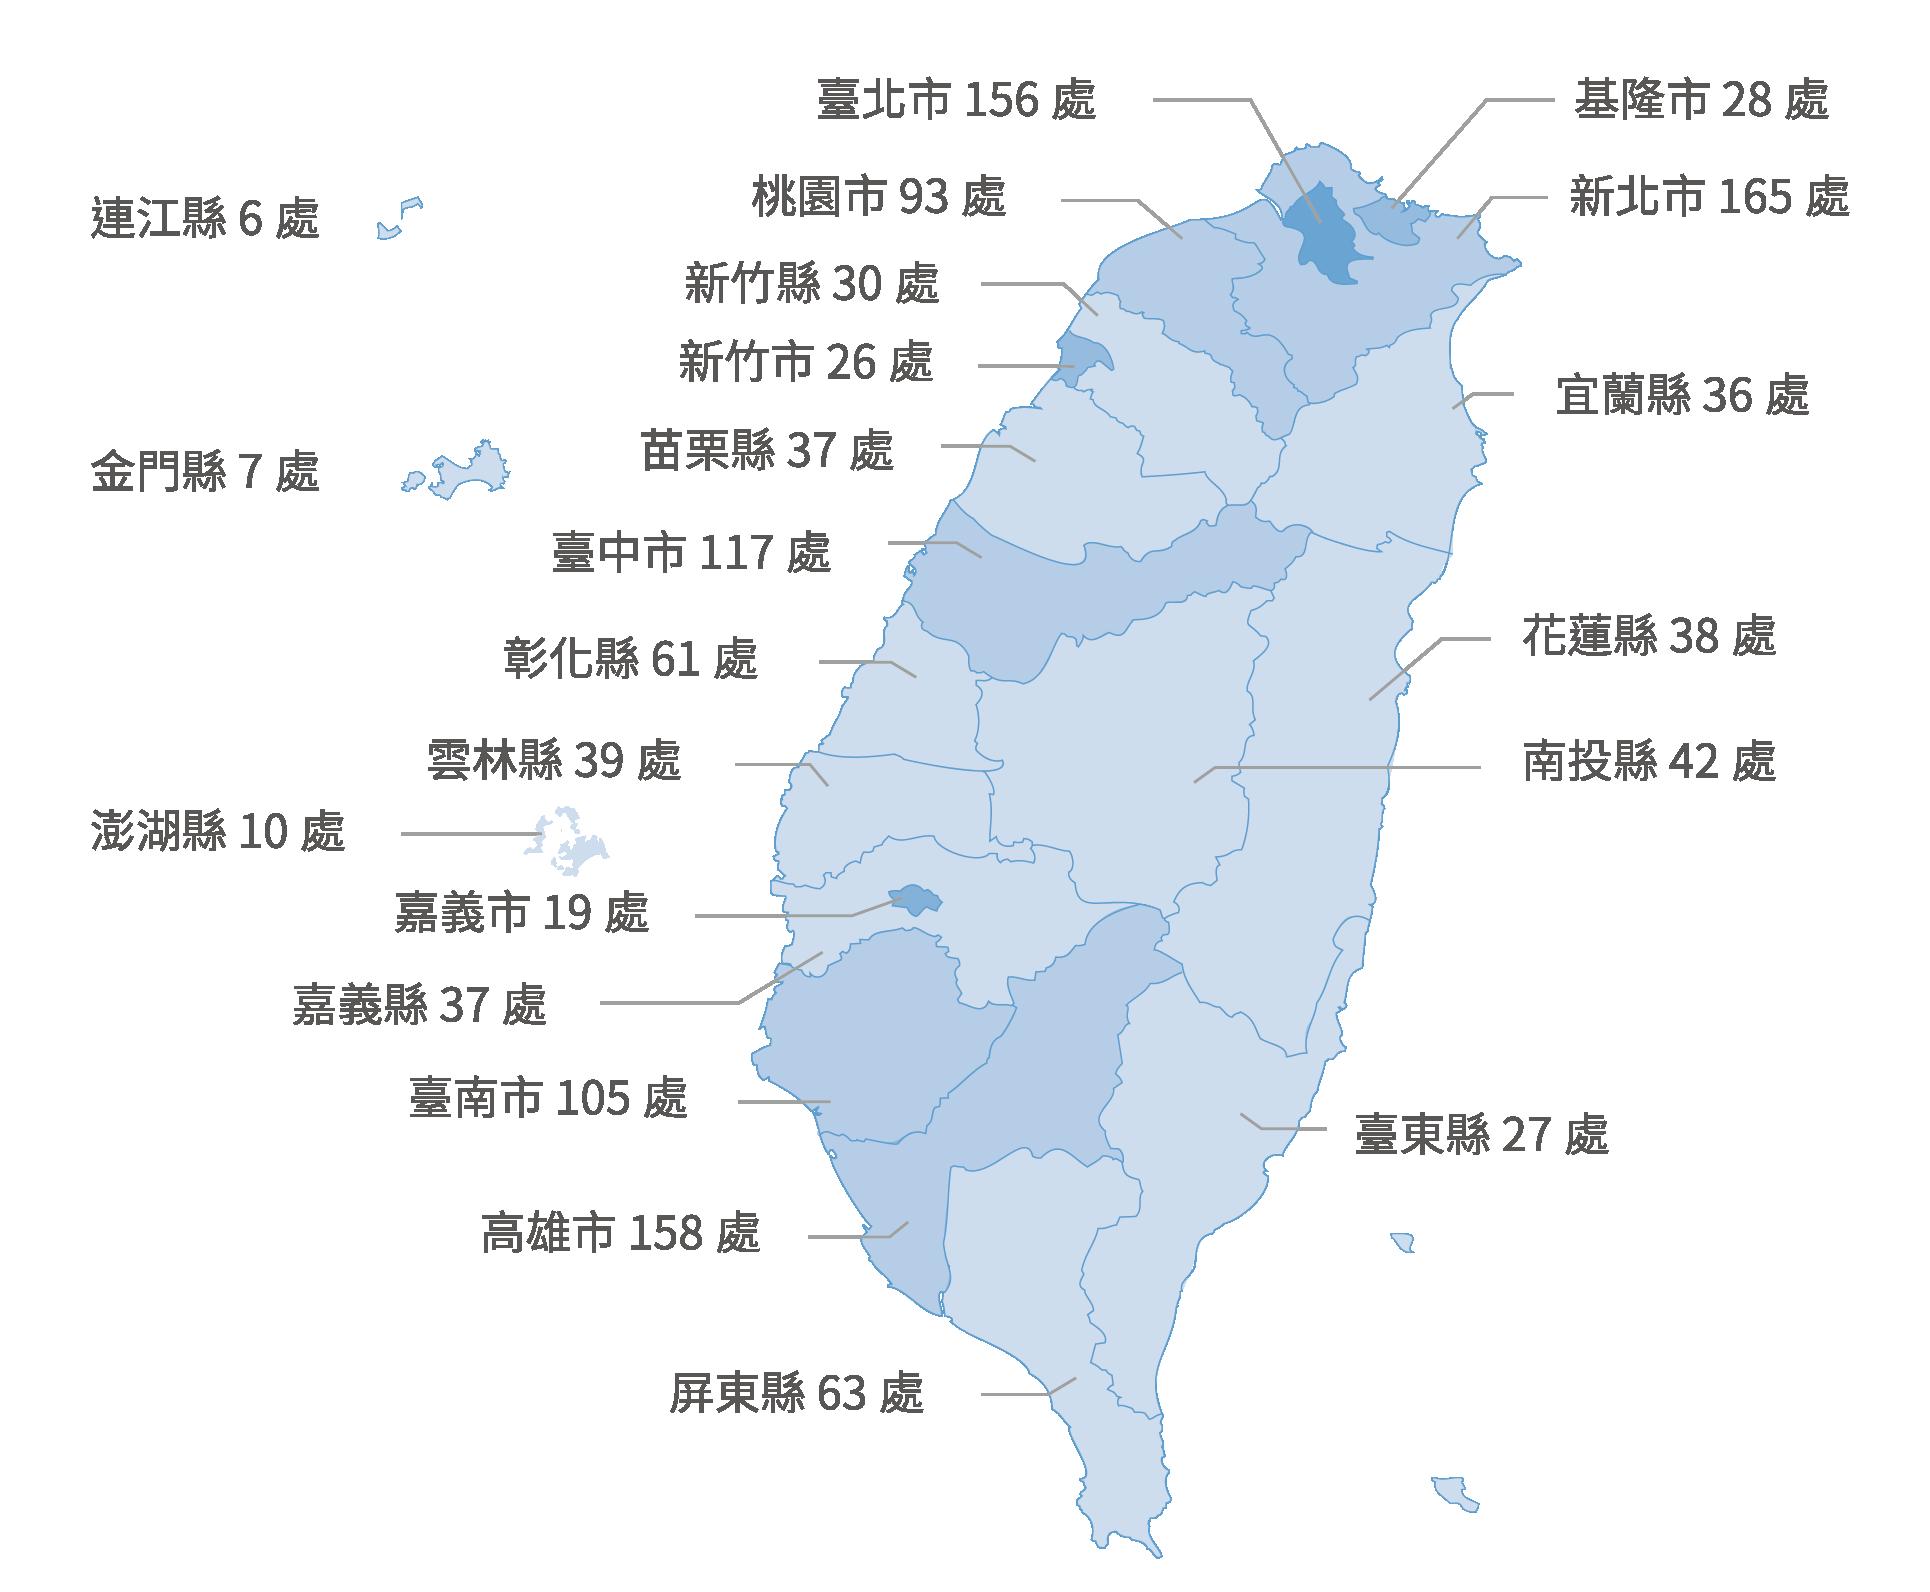 營業據點分布圖